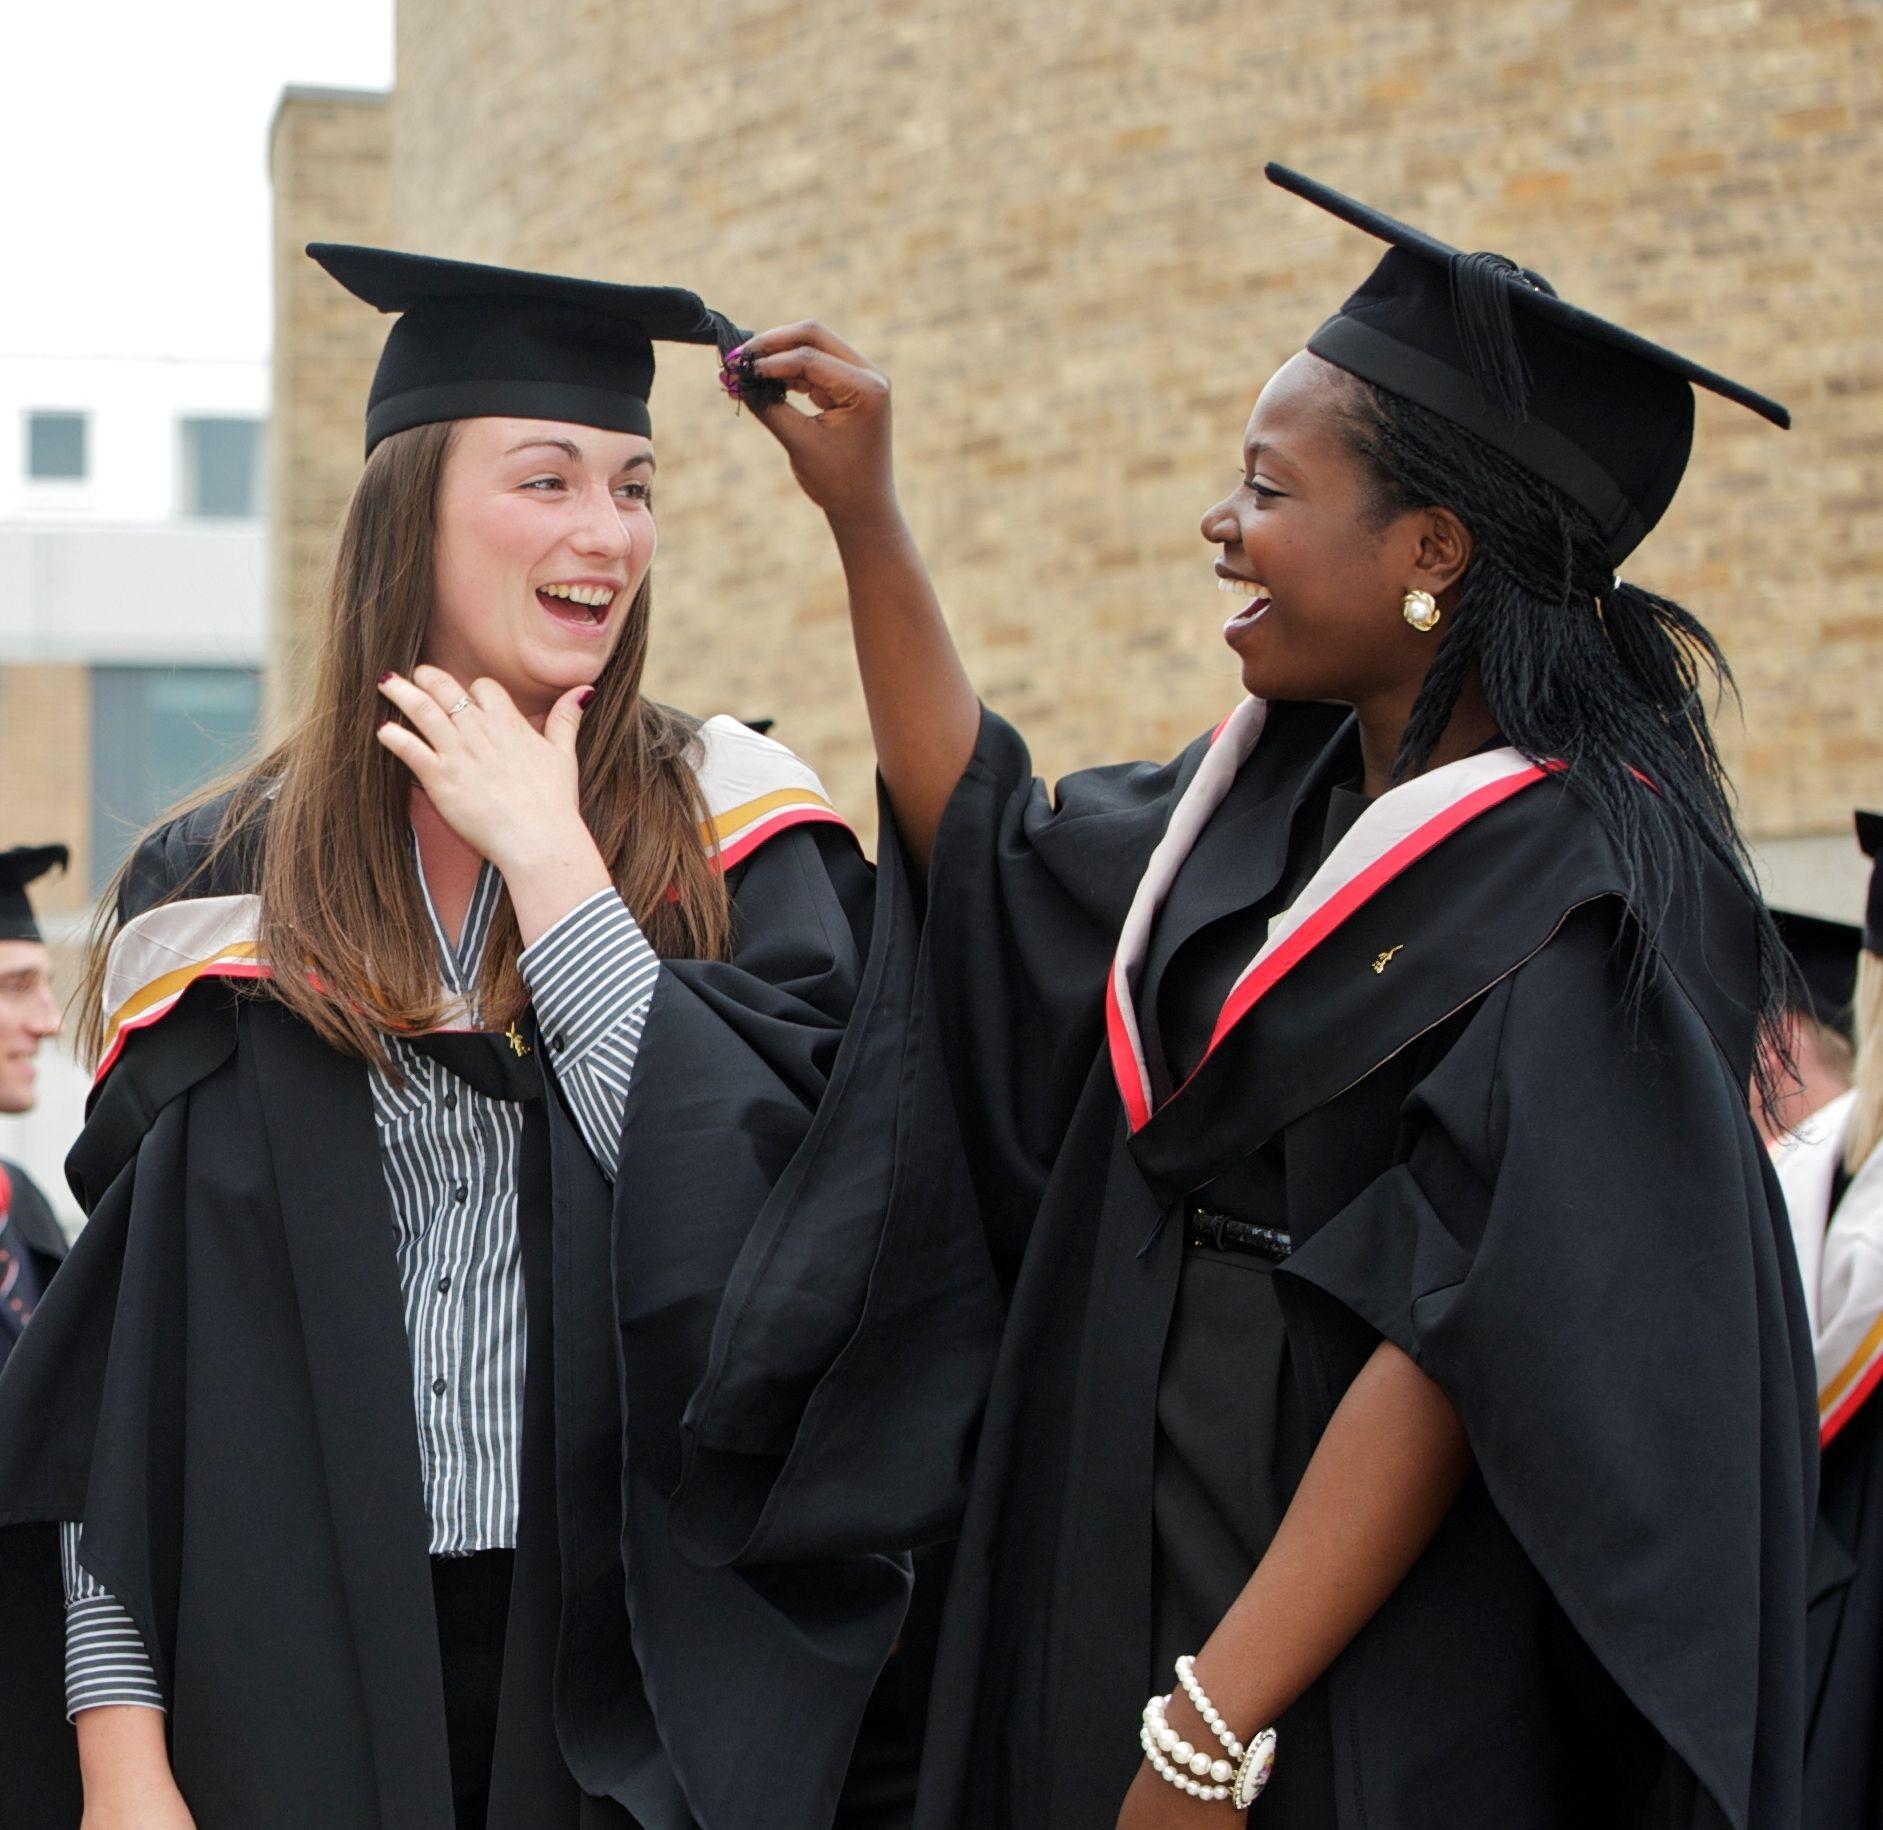 На Северном Кипре будут контролировать иностранных студентов